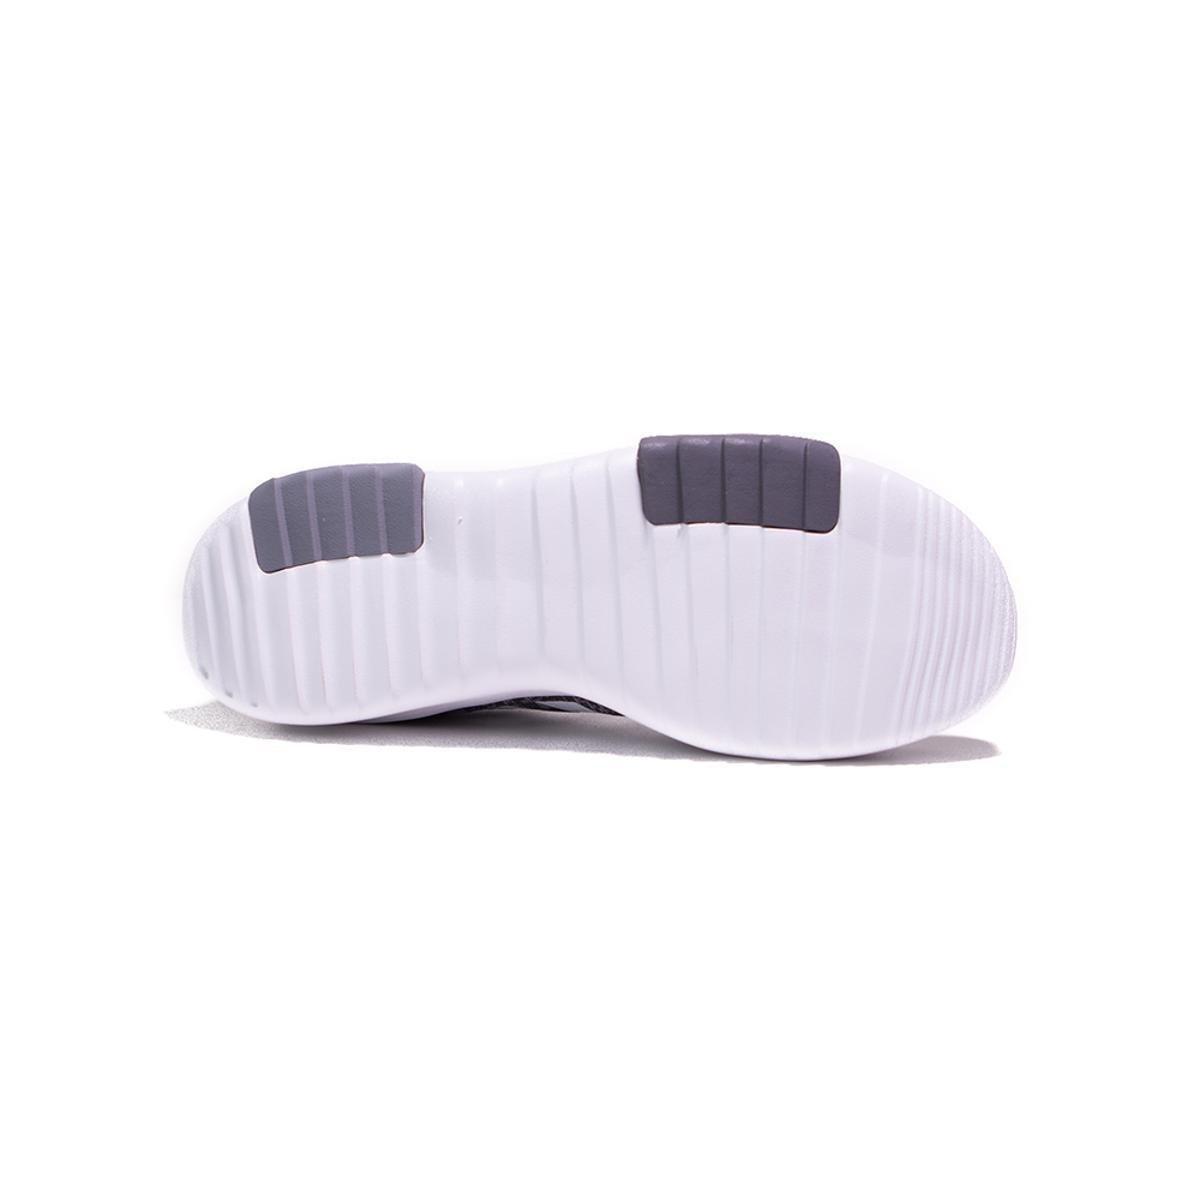 Tênis Adidas Cf Racer Tr Masculino - Branco e Cinza - Compre Agora ... 92baa52f5ae71